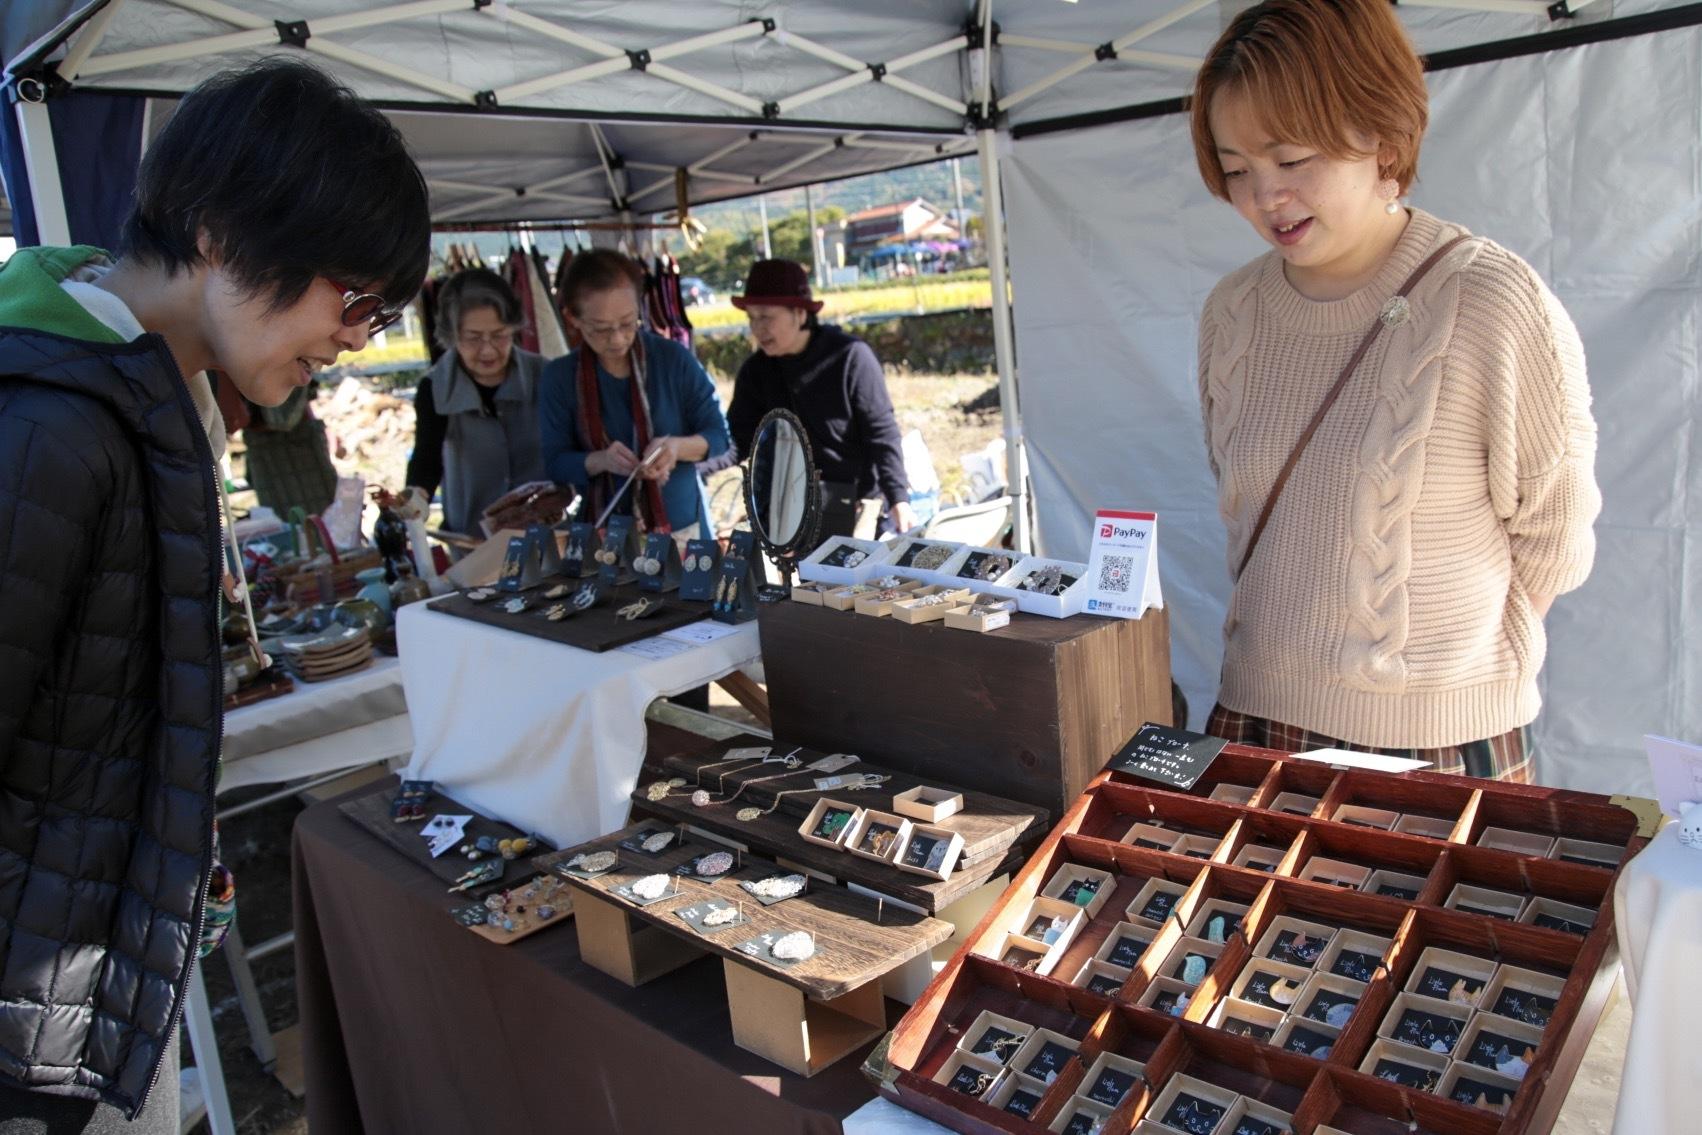 【地域プロジェクト】「能勢かほるーのせマルシェ」開催レポート